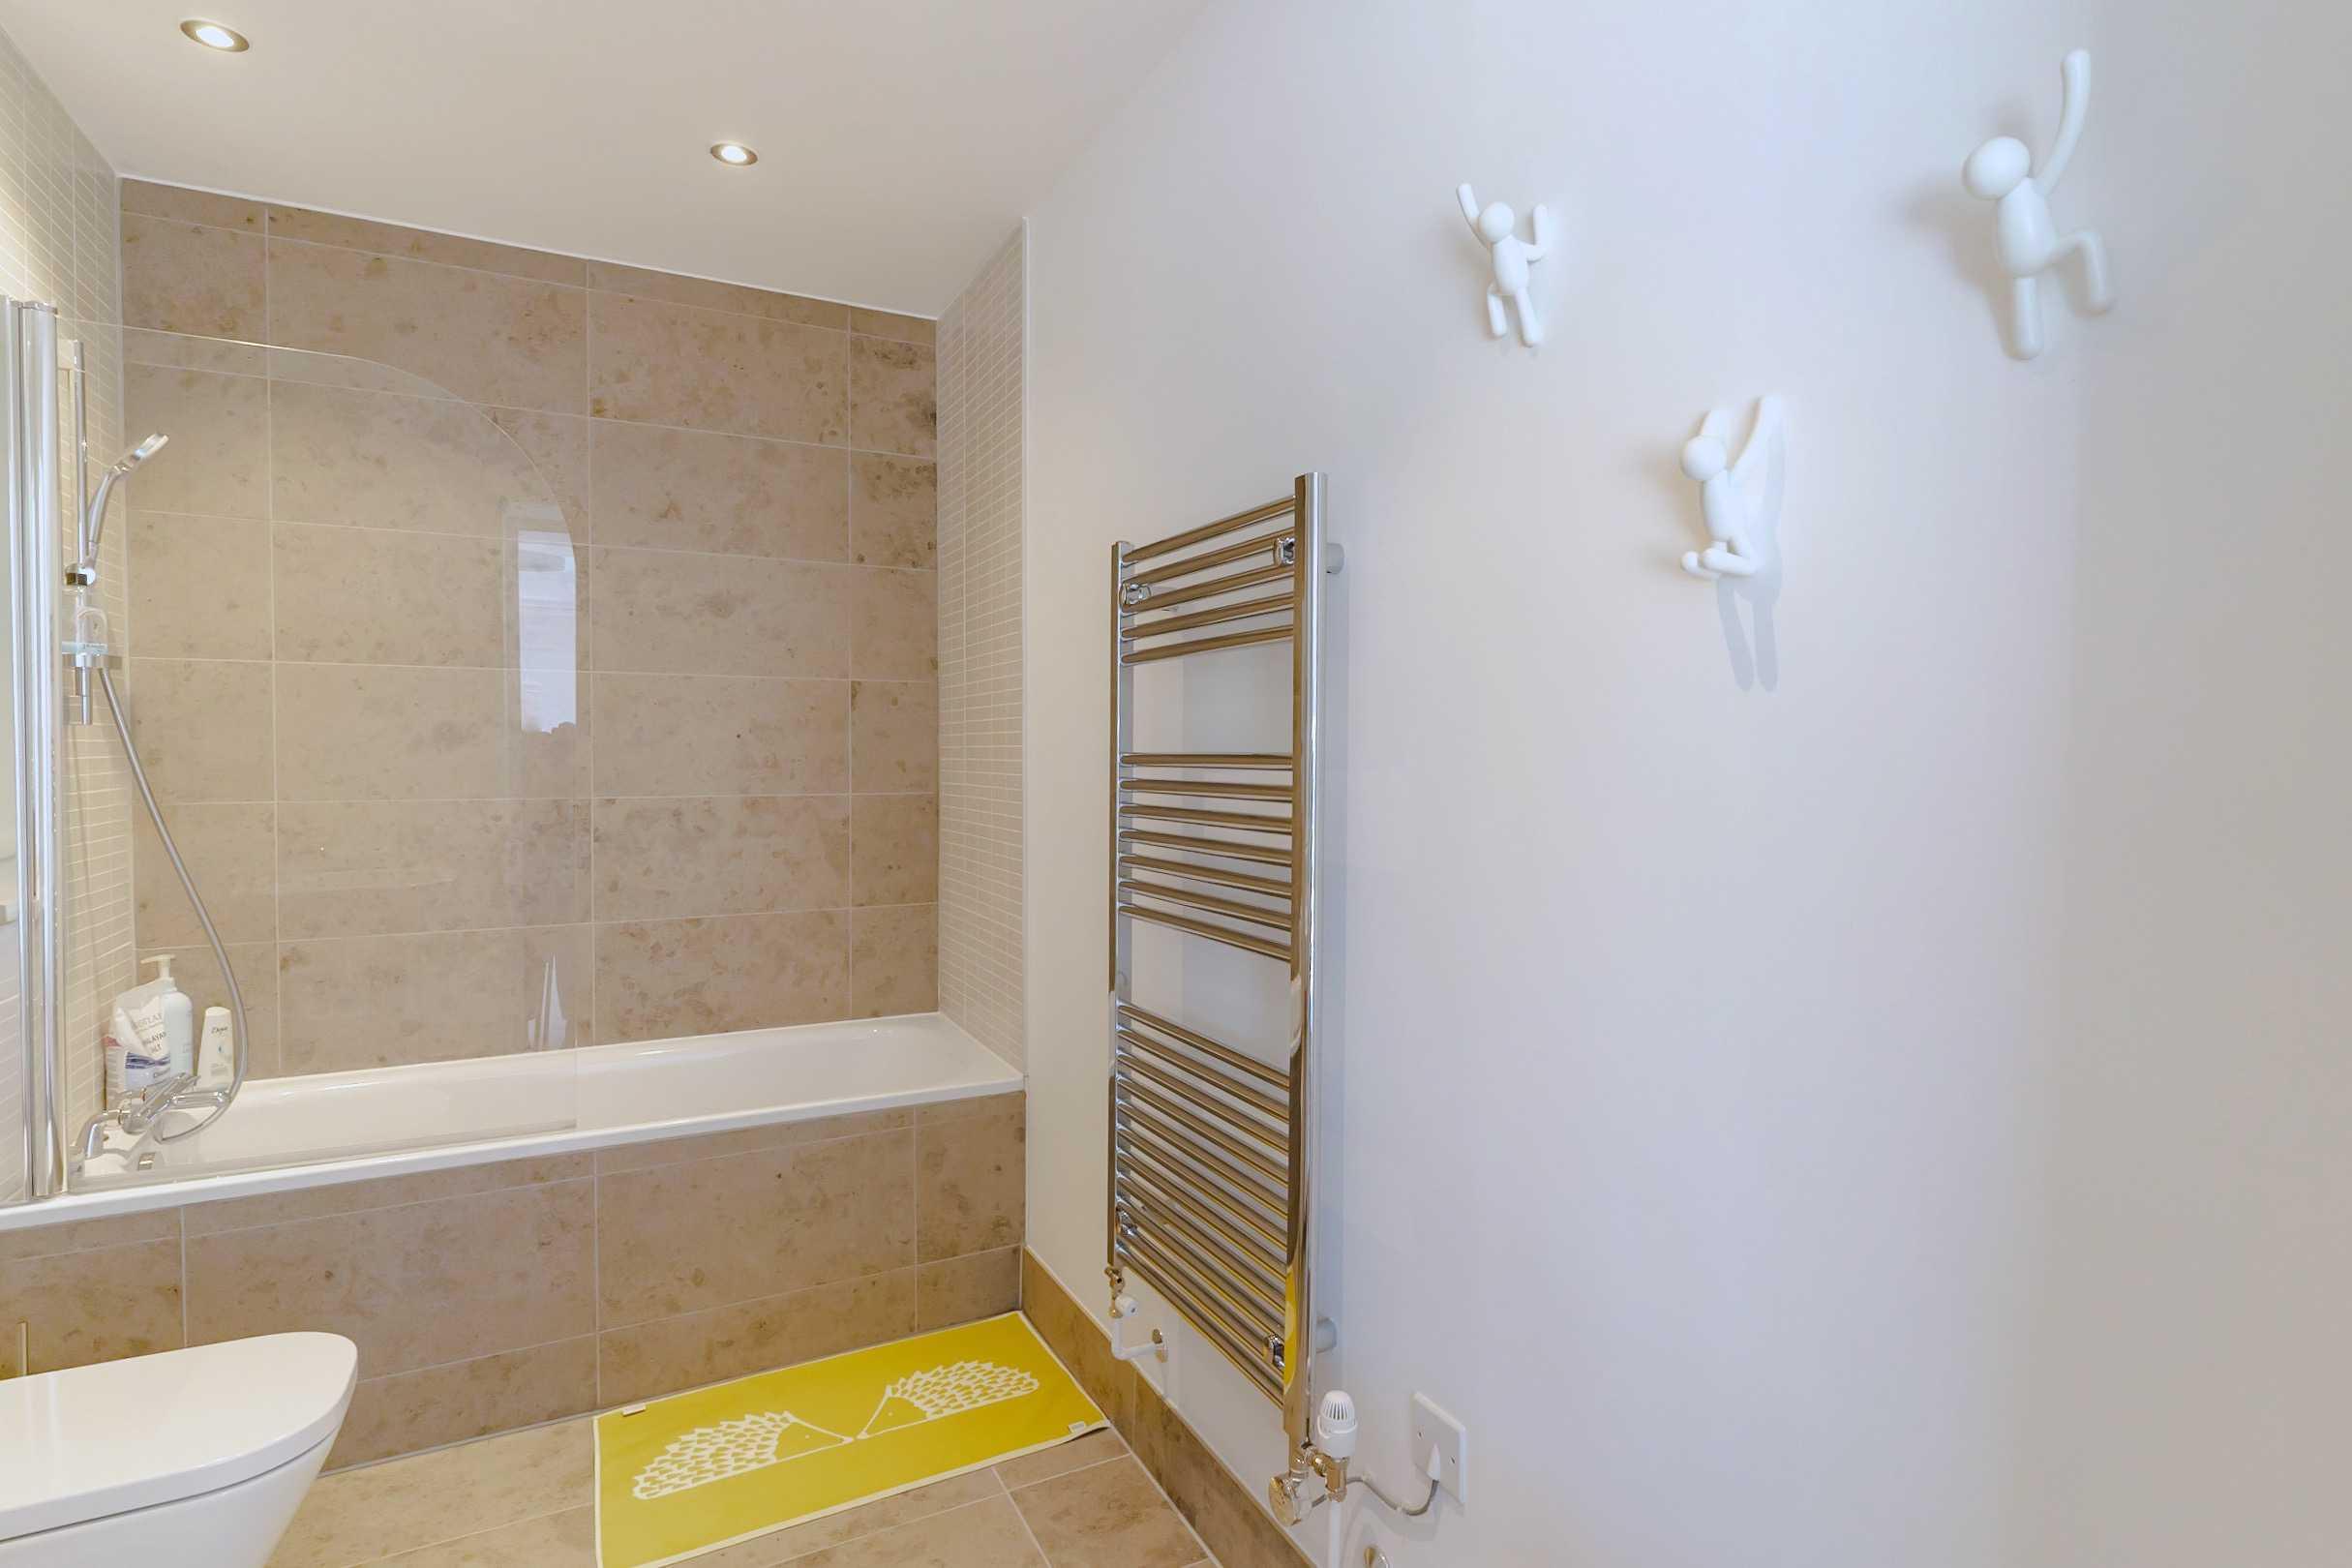 Woolwich Bathroom